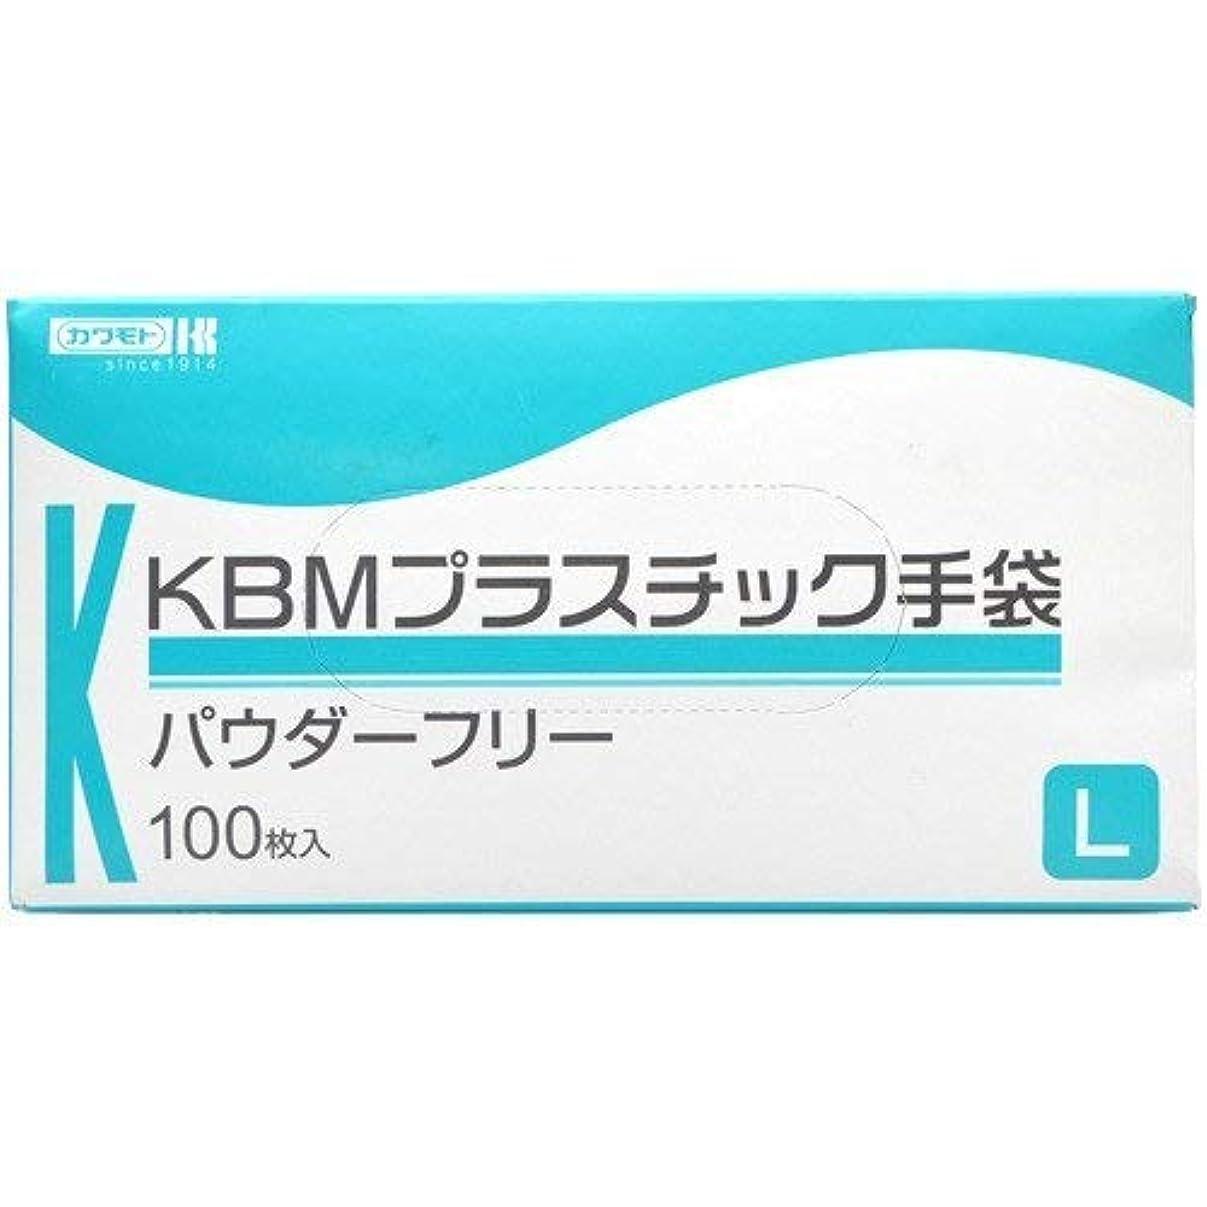 カッターにはまって鎮痛剤川本産業 KBMプラスチック手袋 パウダーフリー L 100枚入 ×2個